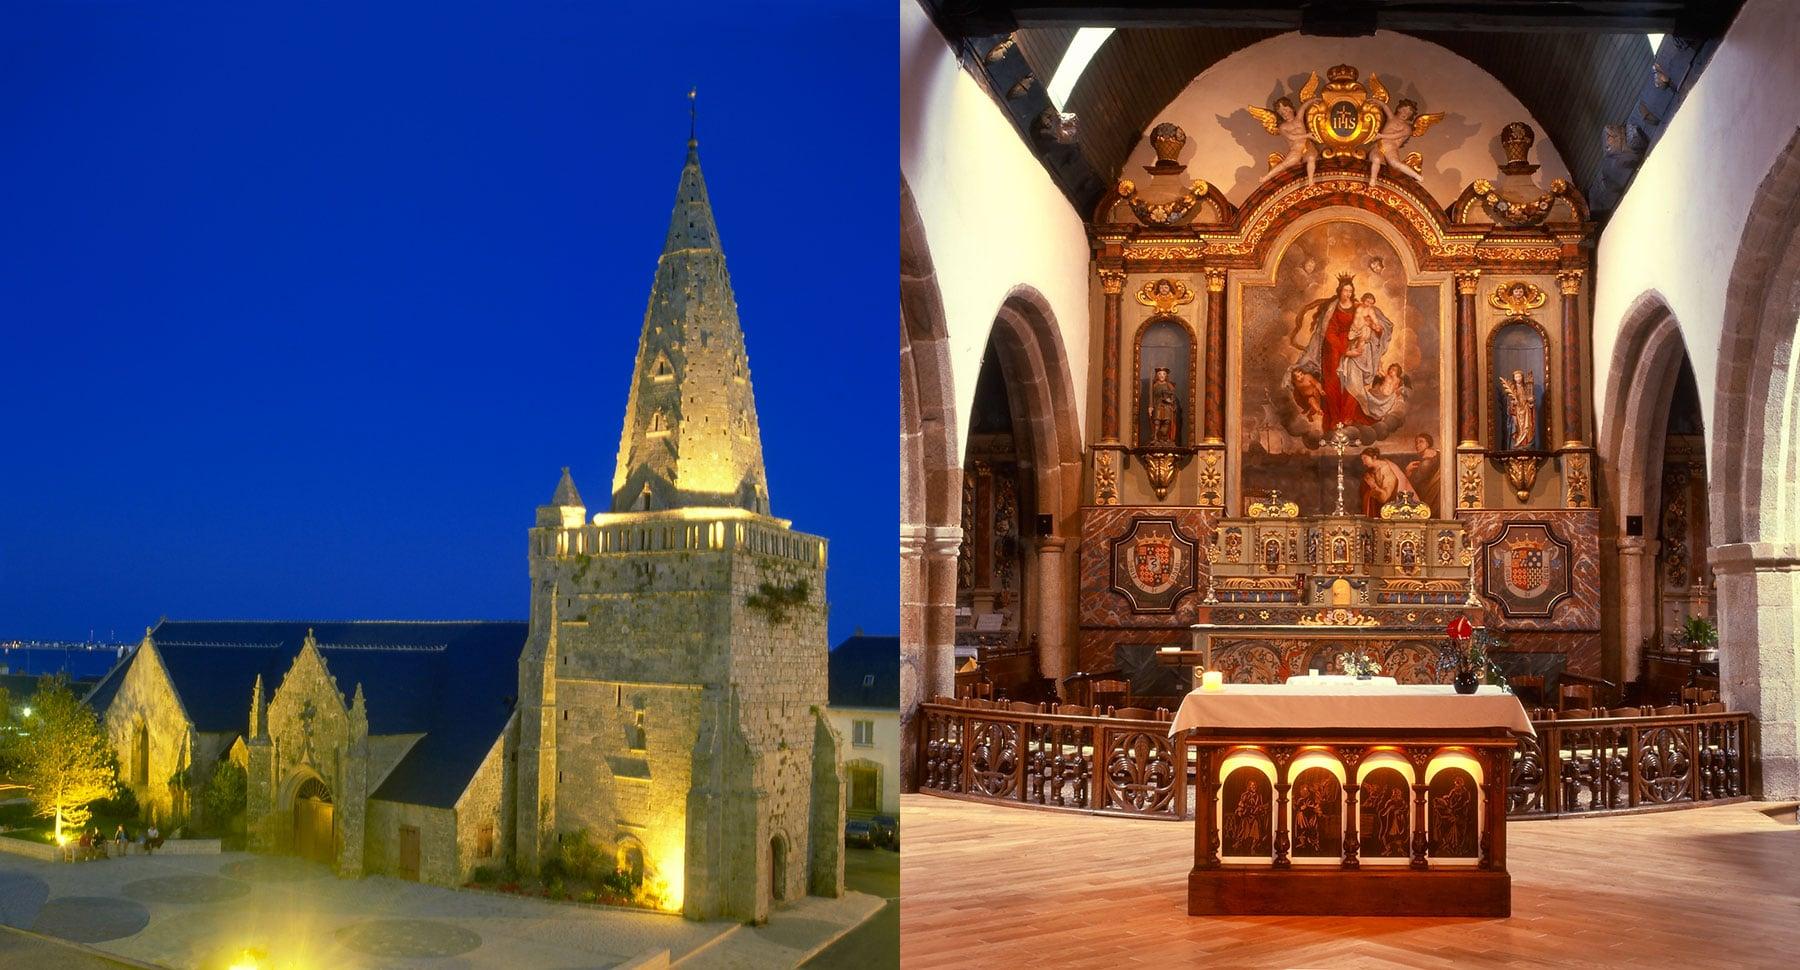 Les 4 évangélistes et leur bestiaire respectif ont été réalisés par Guillevic pour l'autel de l'église